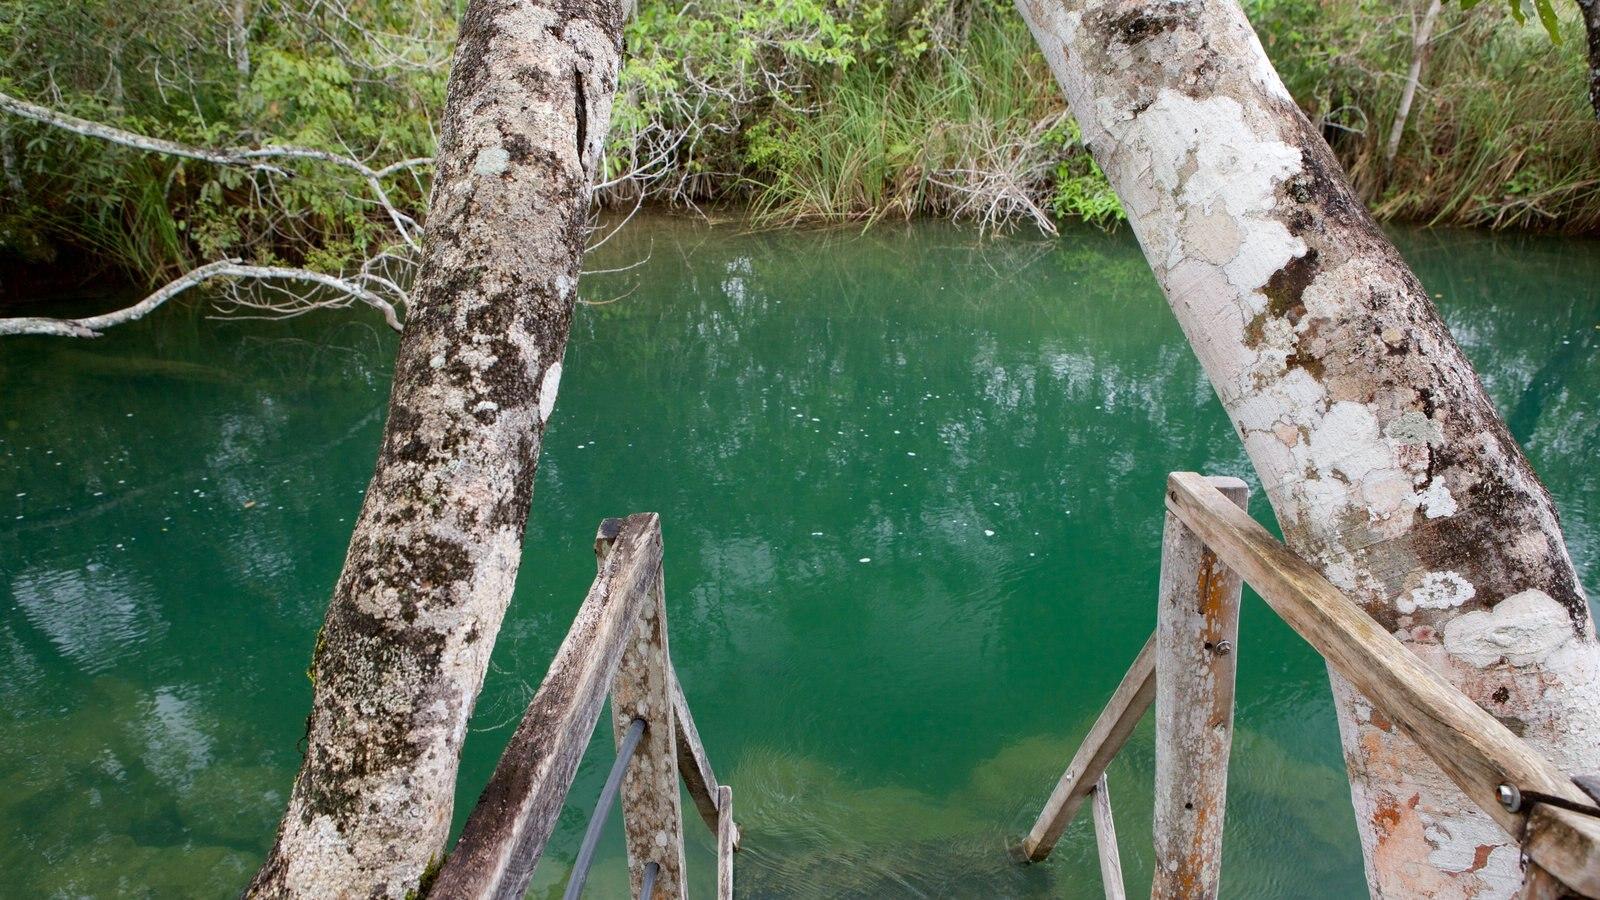 Parque Ecológico Rio Formoso mostrando um rio ou córrego